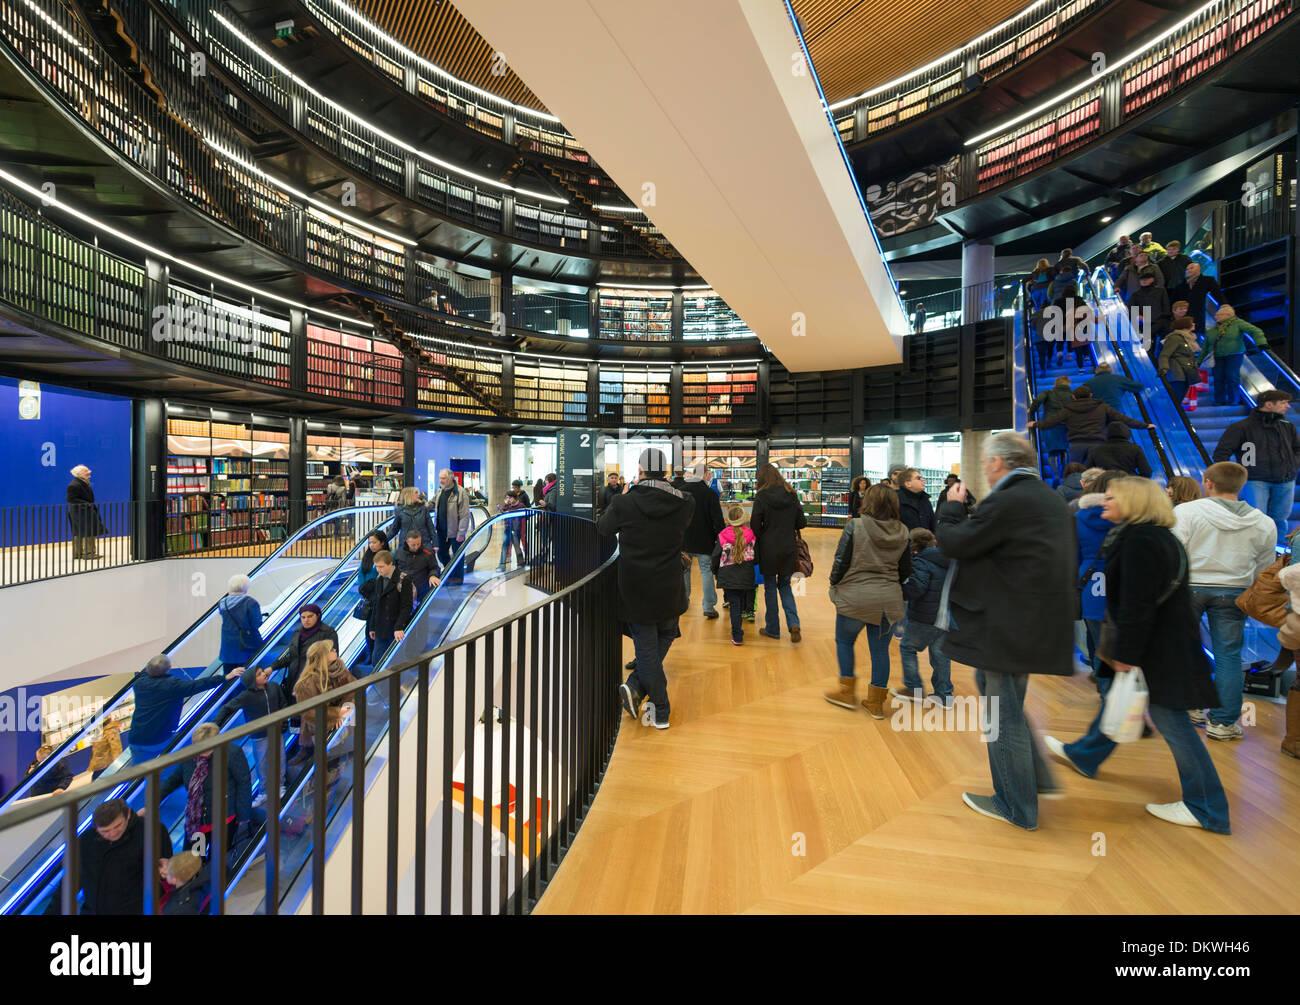 El interior de la nueva biblioteca de Birmingham, Inglaterra. Imagen De Stock